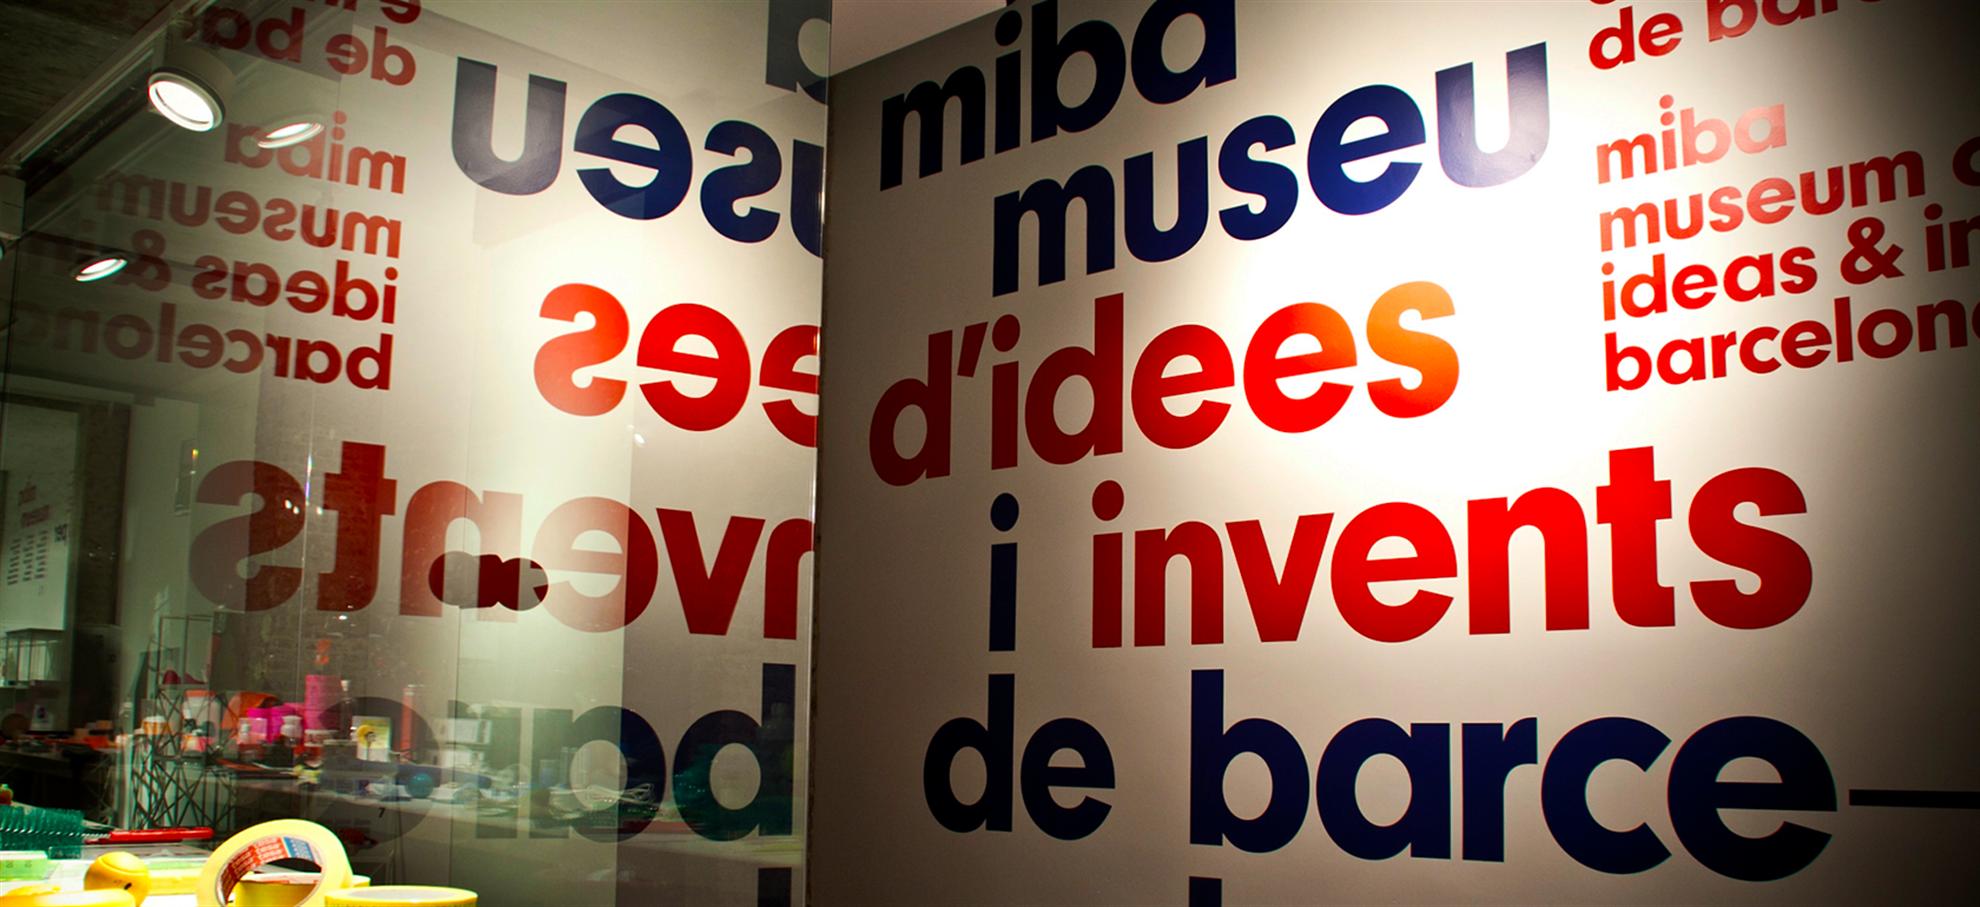 创意发明博物馆